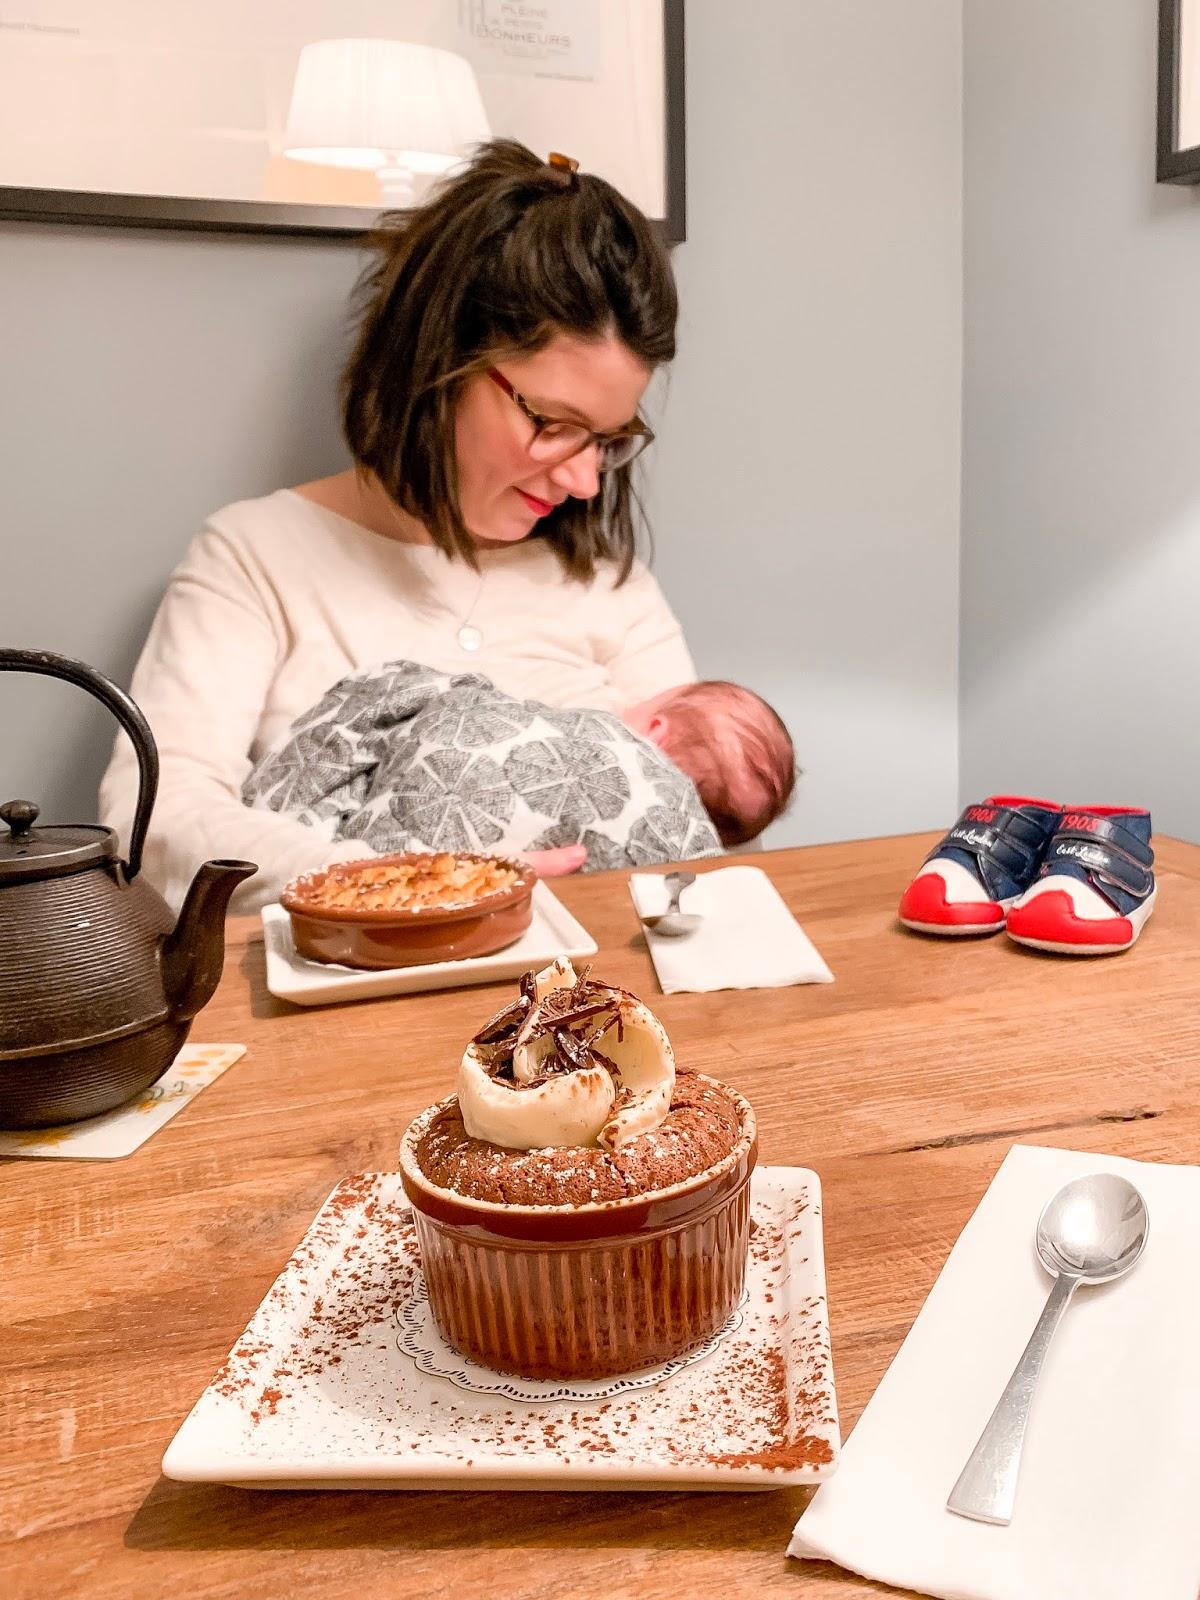 allaitement exclusif maternage experience césarienne sevrage normalizebreastfeeding quotidien quantité reflexe d'éjection fort leache league vêtement d'allaitement